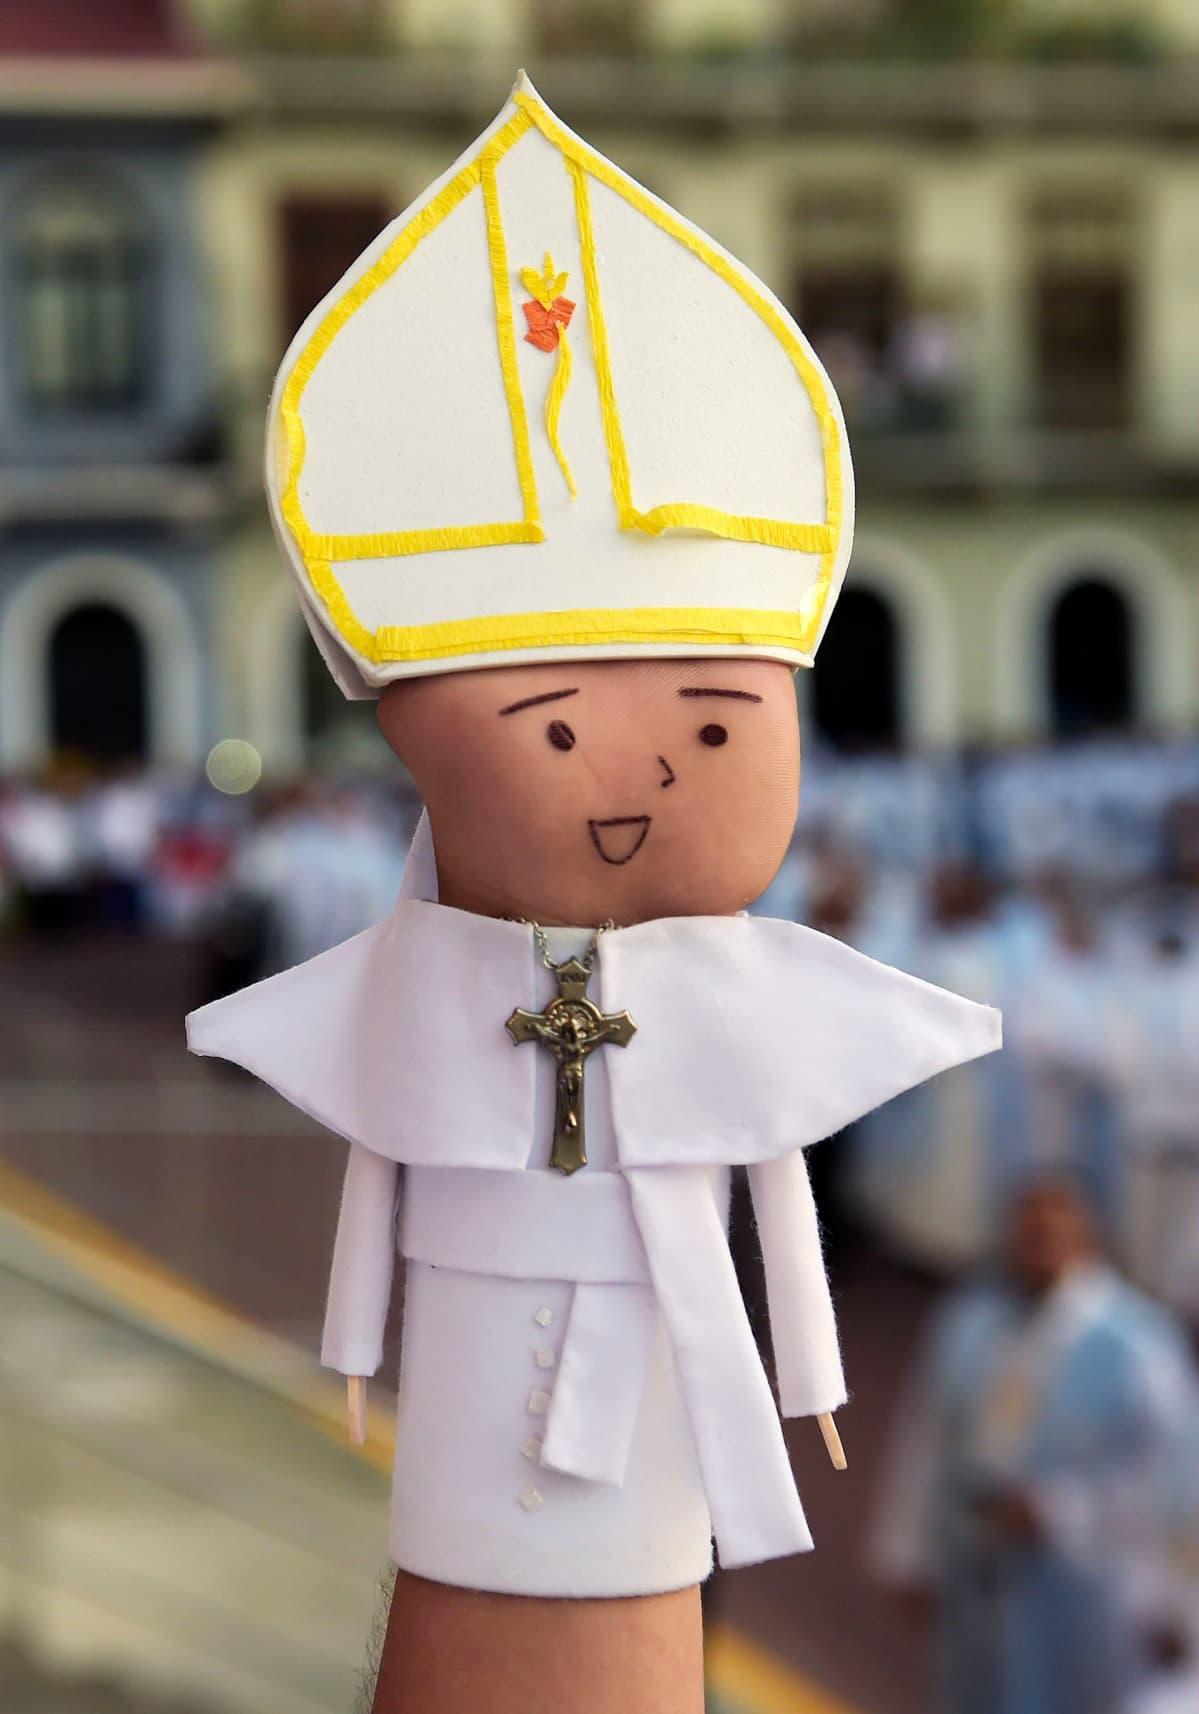 Paavi-käsi.